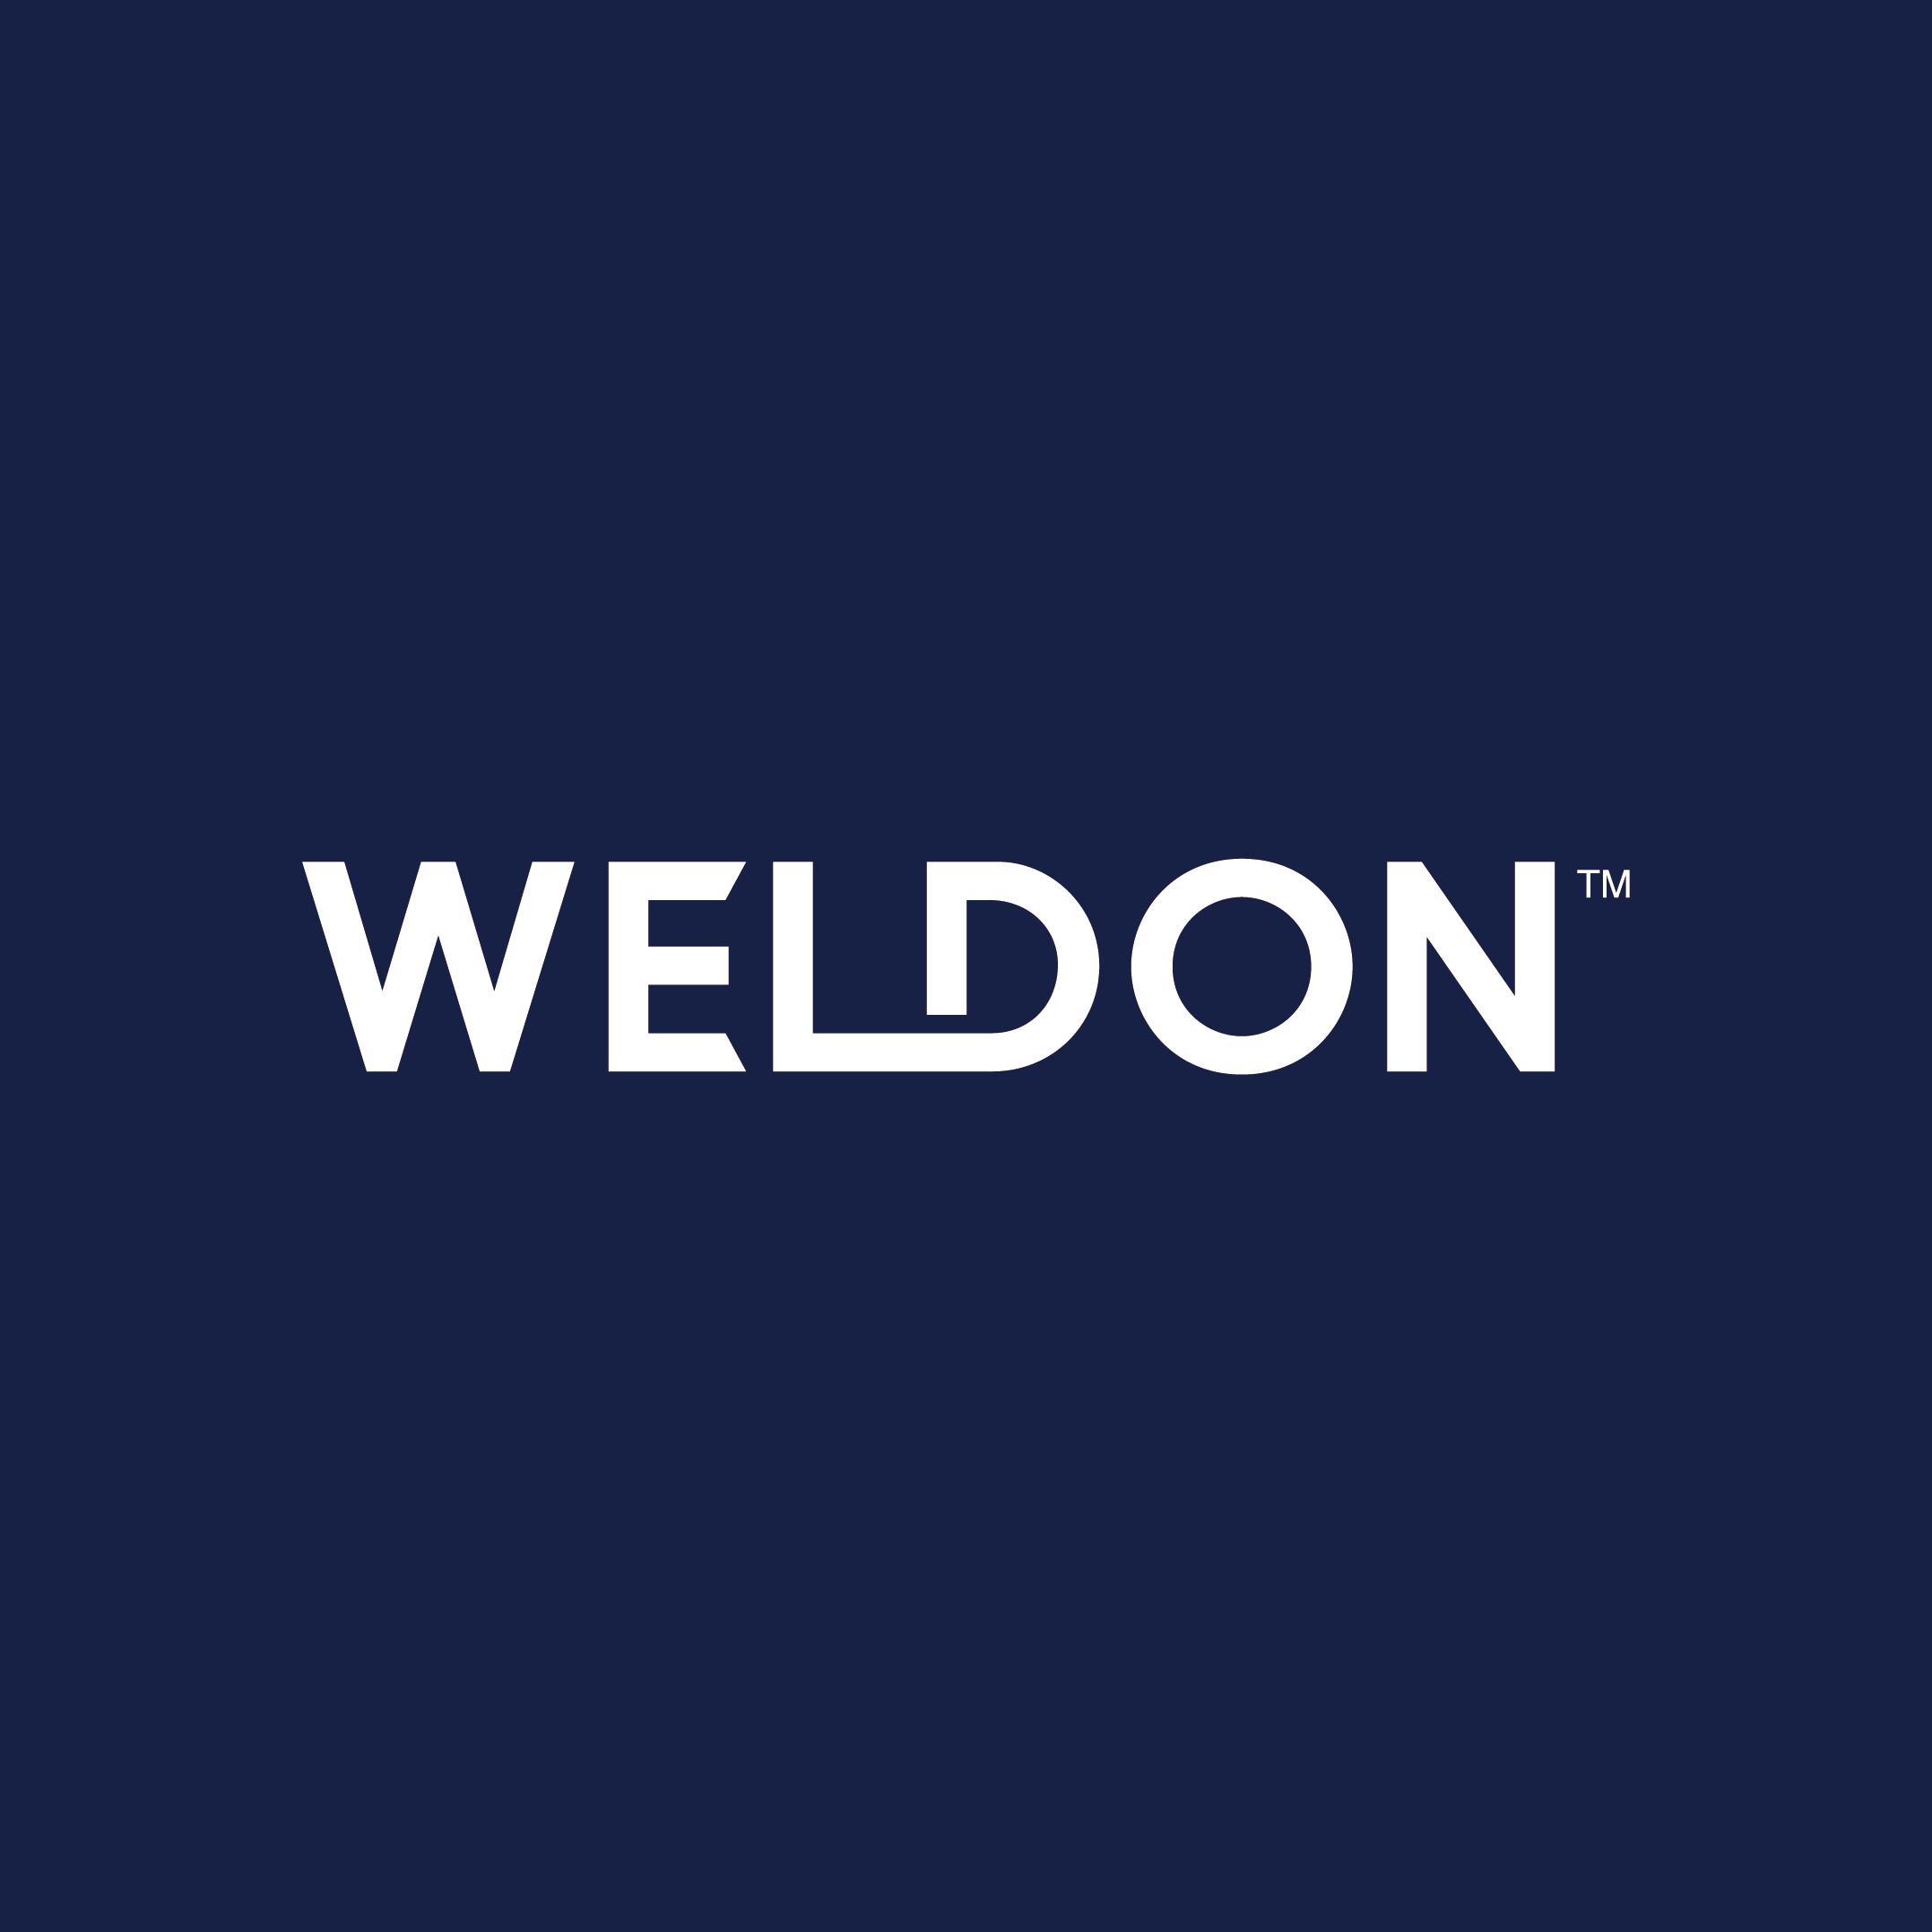 ウェルドン株式会社